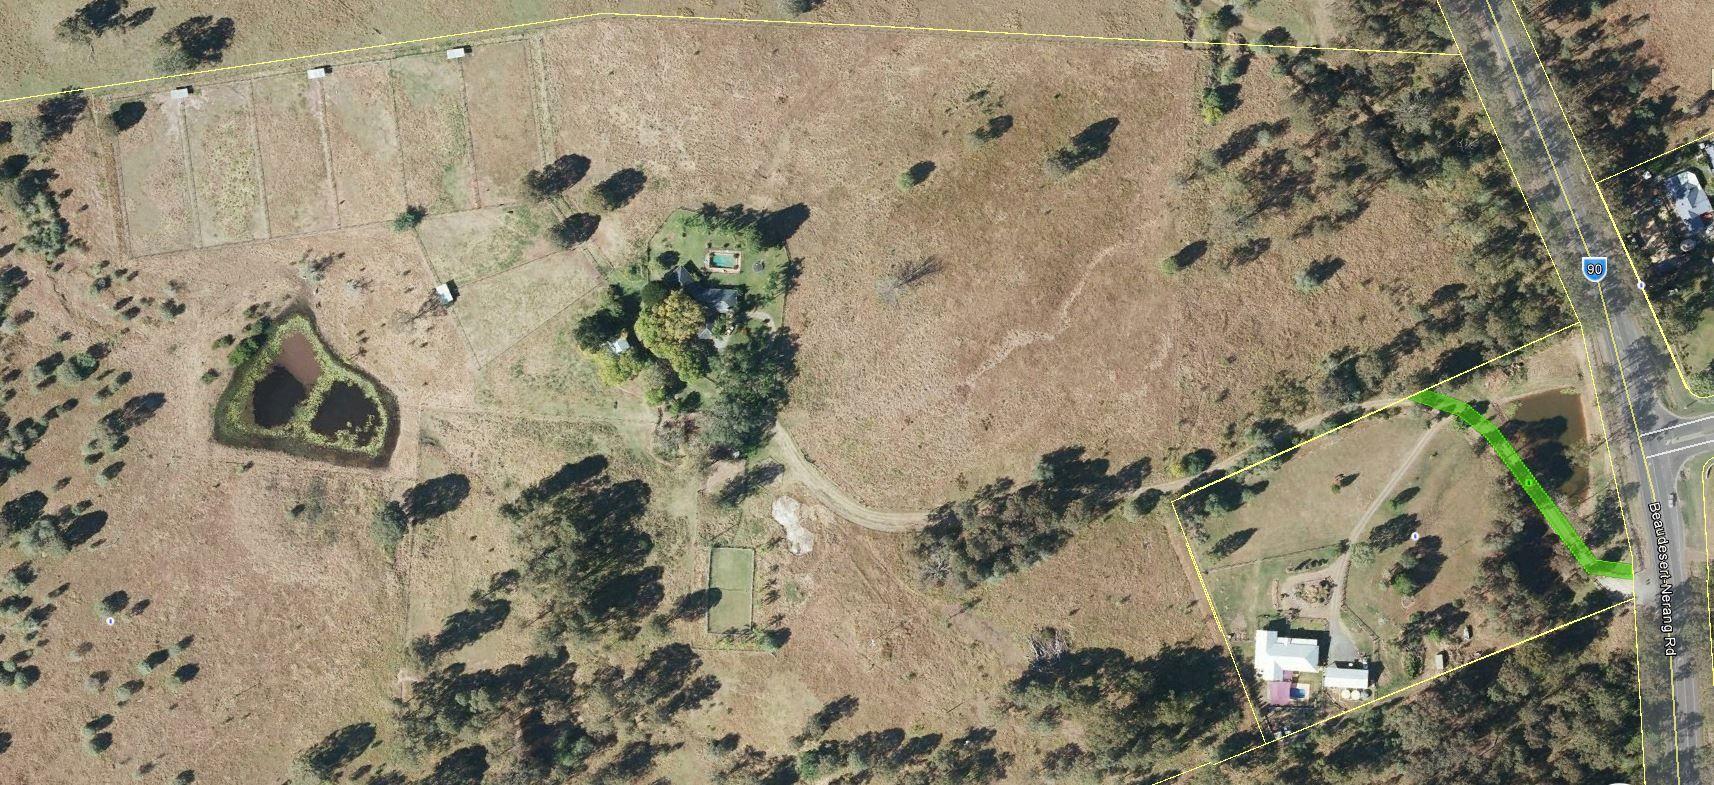 4432 Beaudesert-Nerang Rd, Beaudesert QLD 4285, Image 0